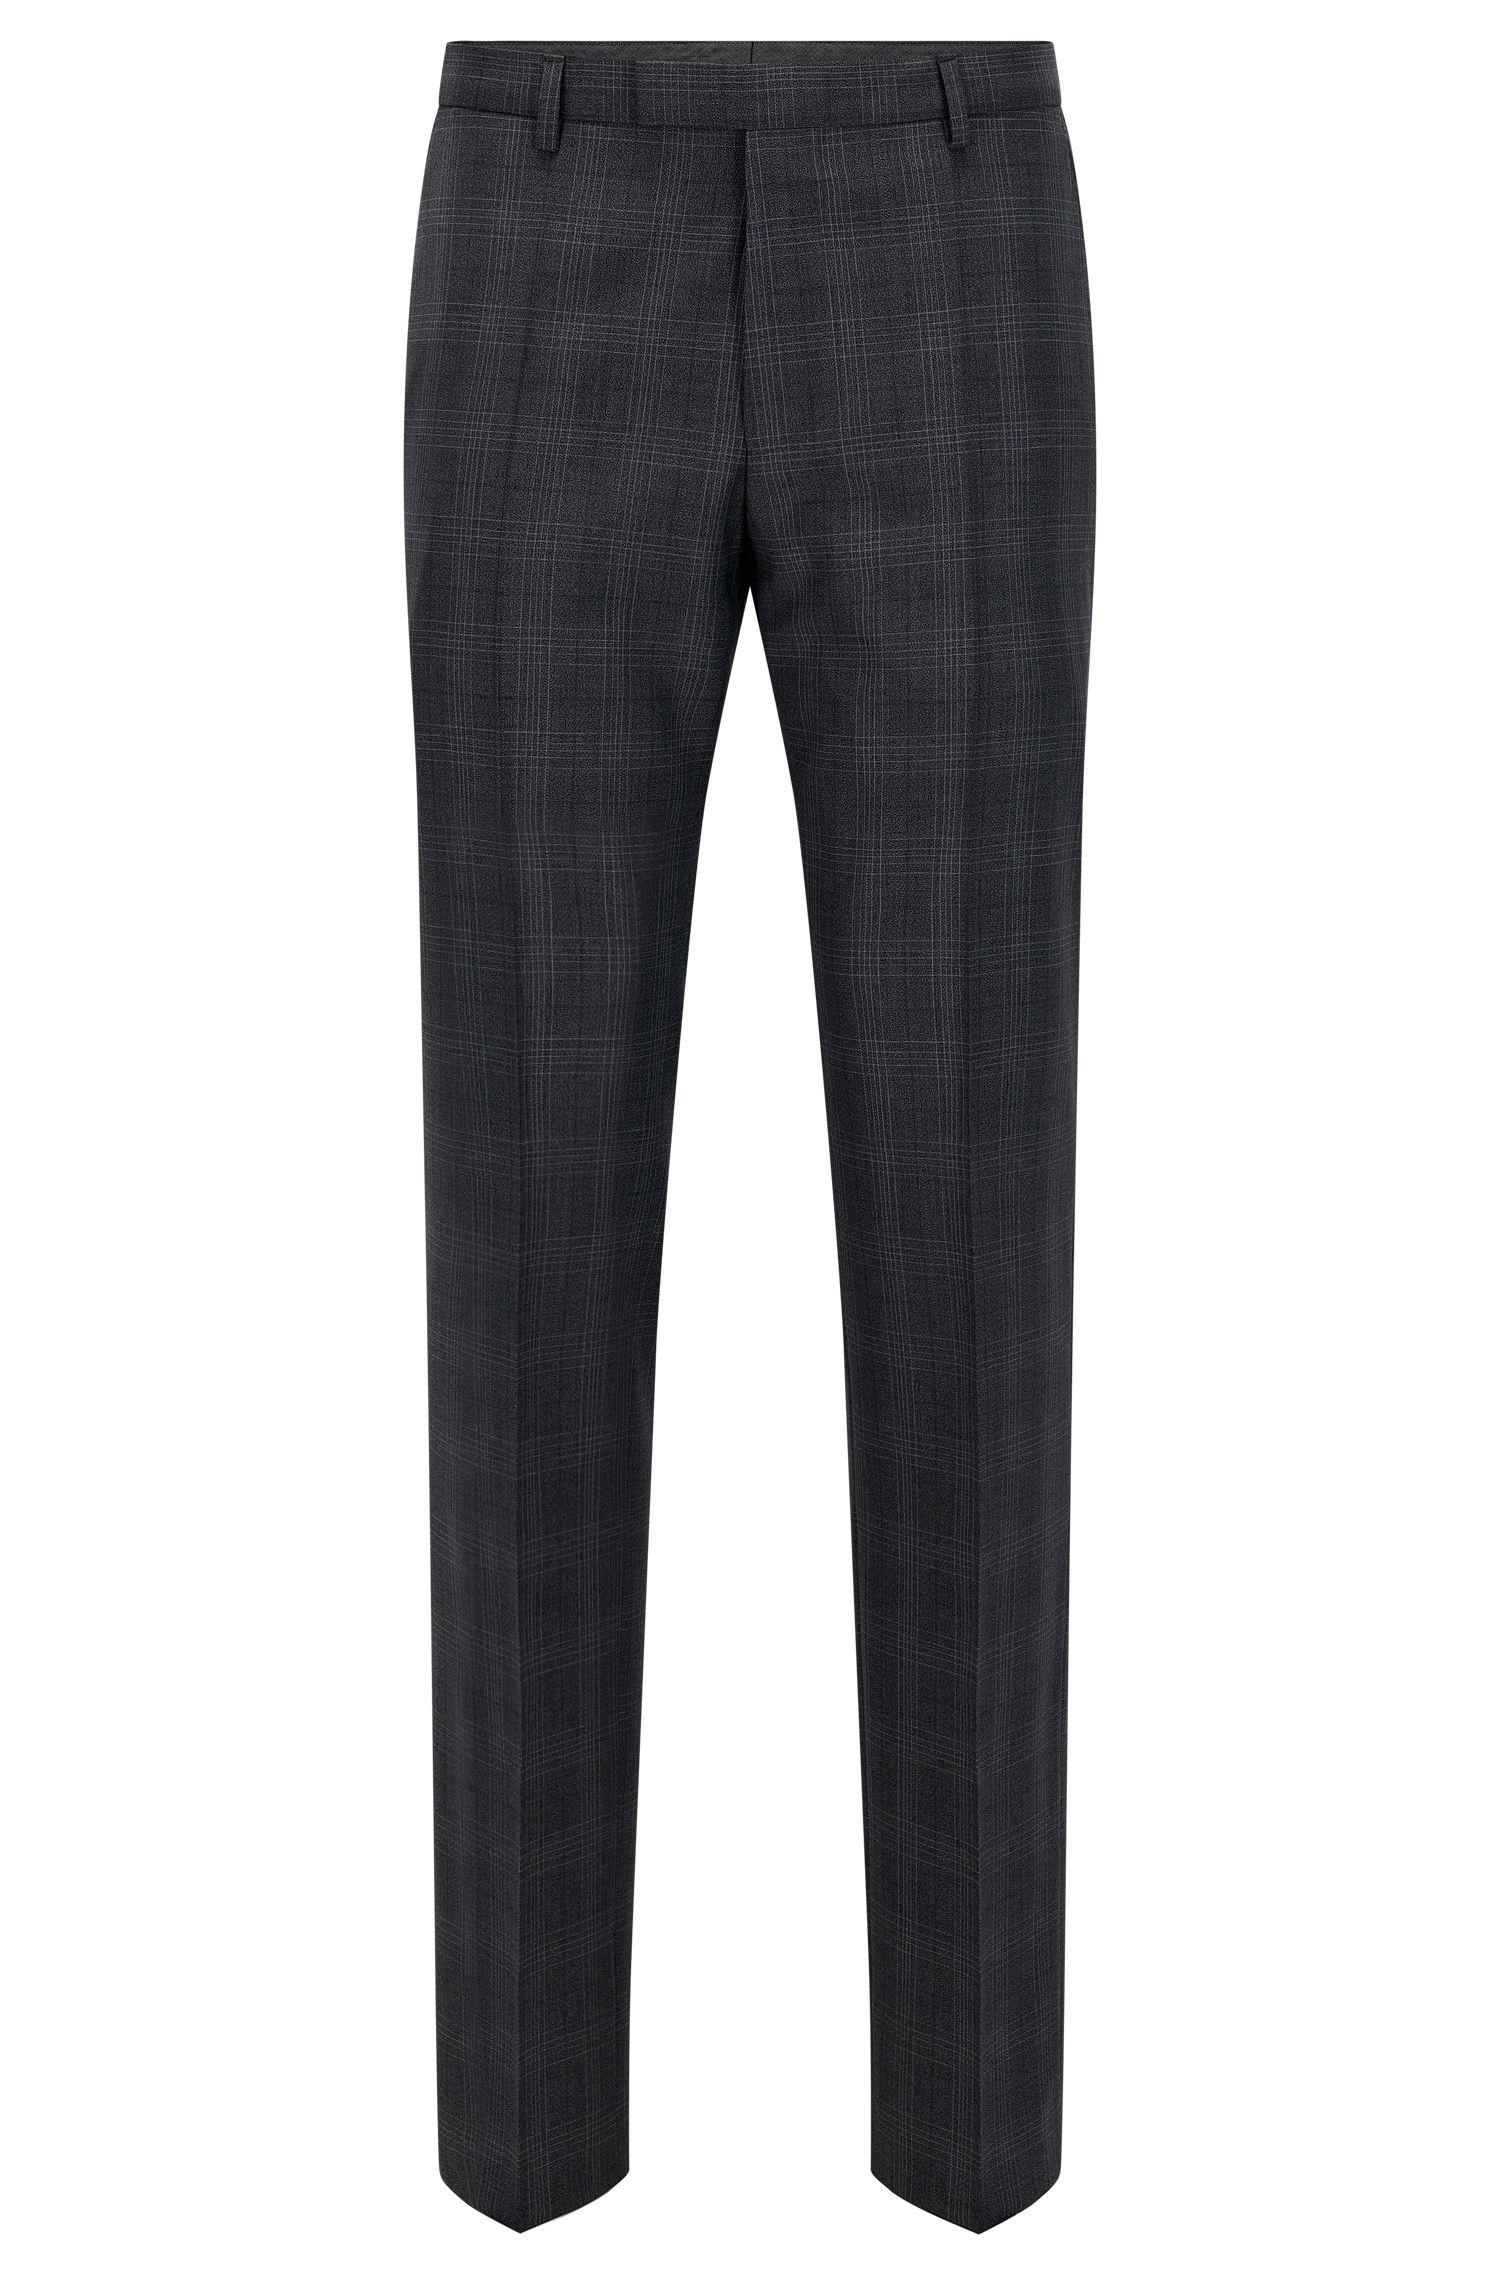 Pantalón regular fit en lana virgen